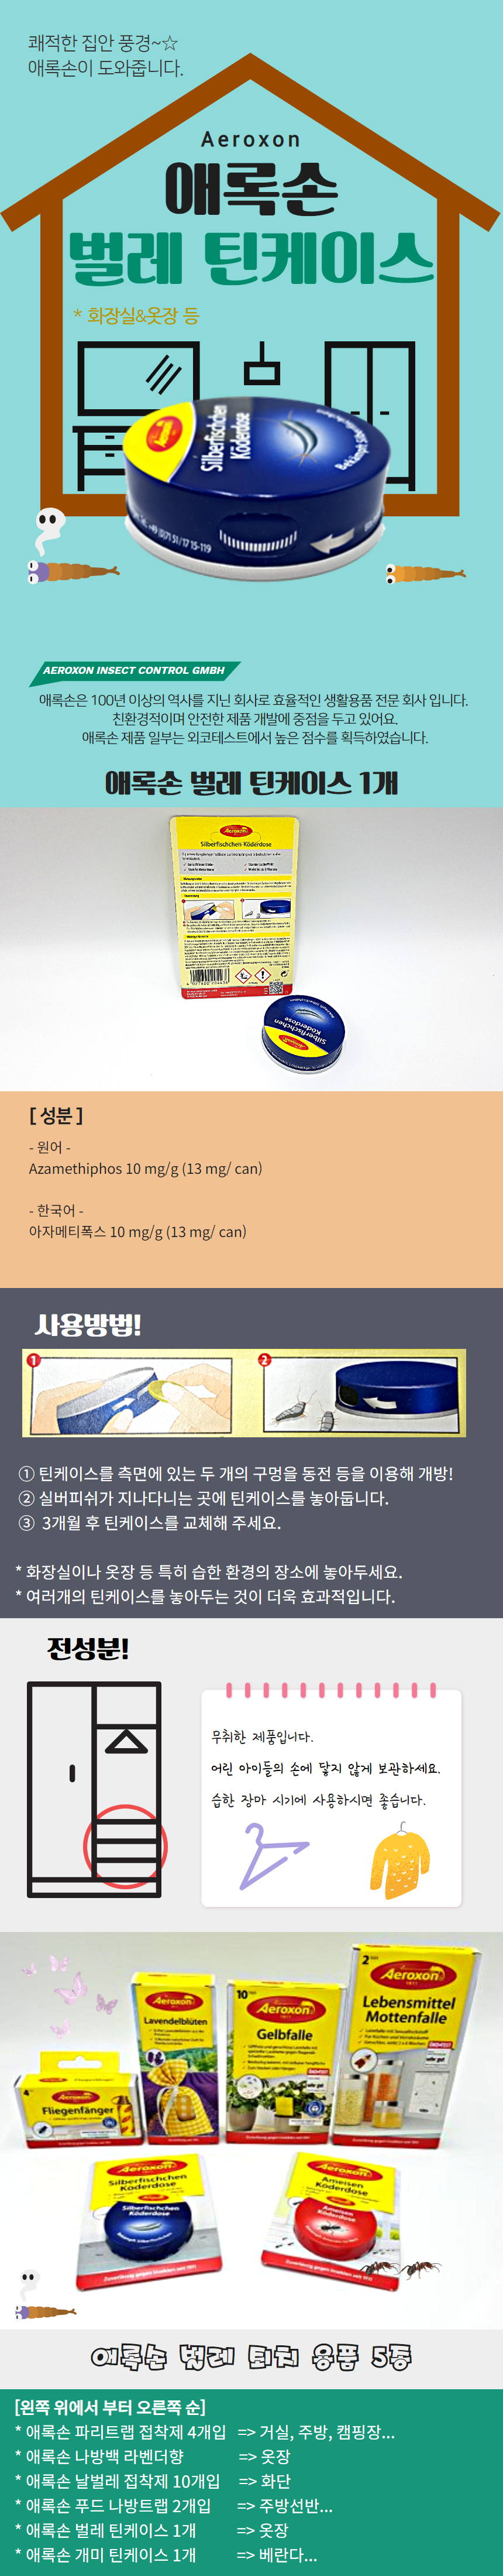 애록손 벌레 틴케이스 1개 [8928] .png